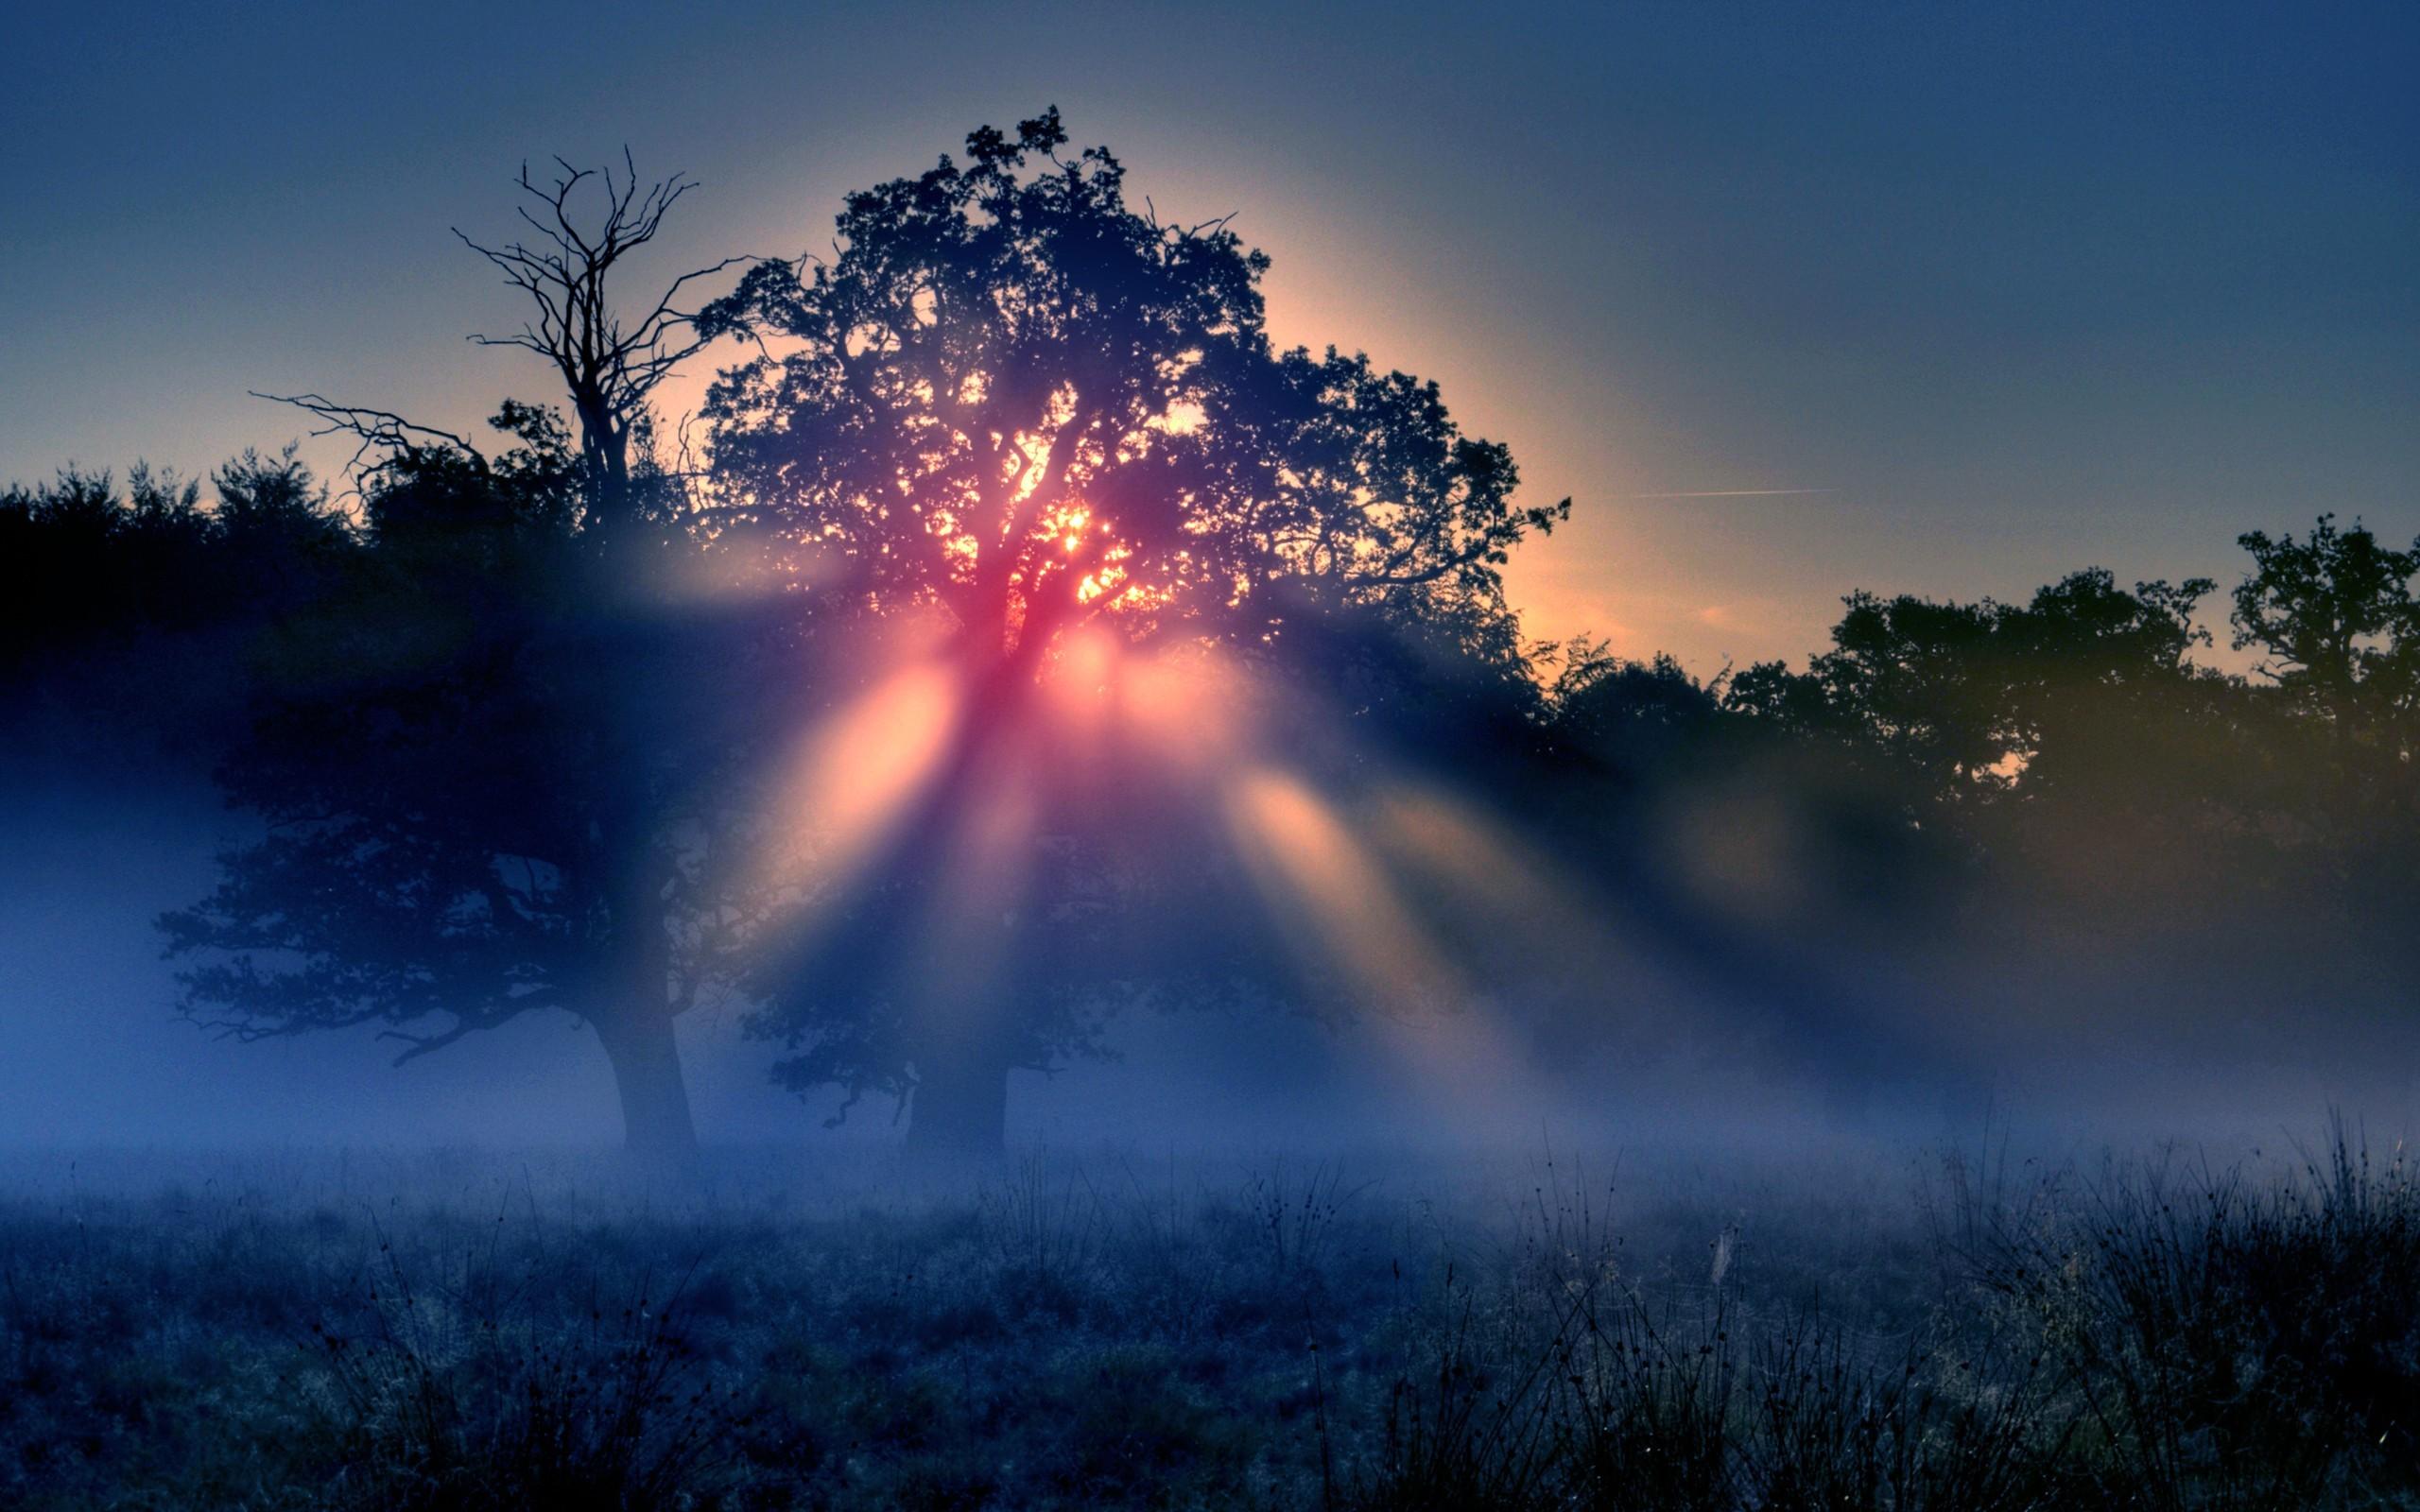 Приметы на 5 ноября. Самый темный день: традиции и обряды на удачу